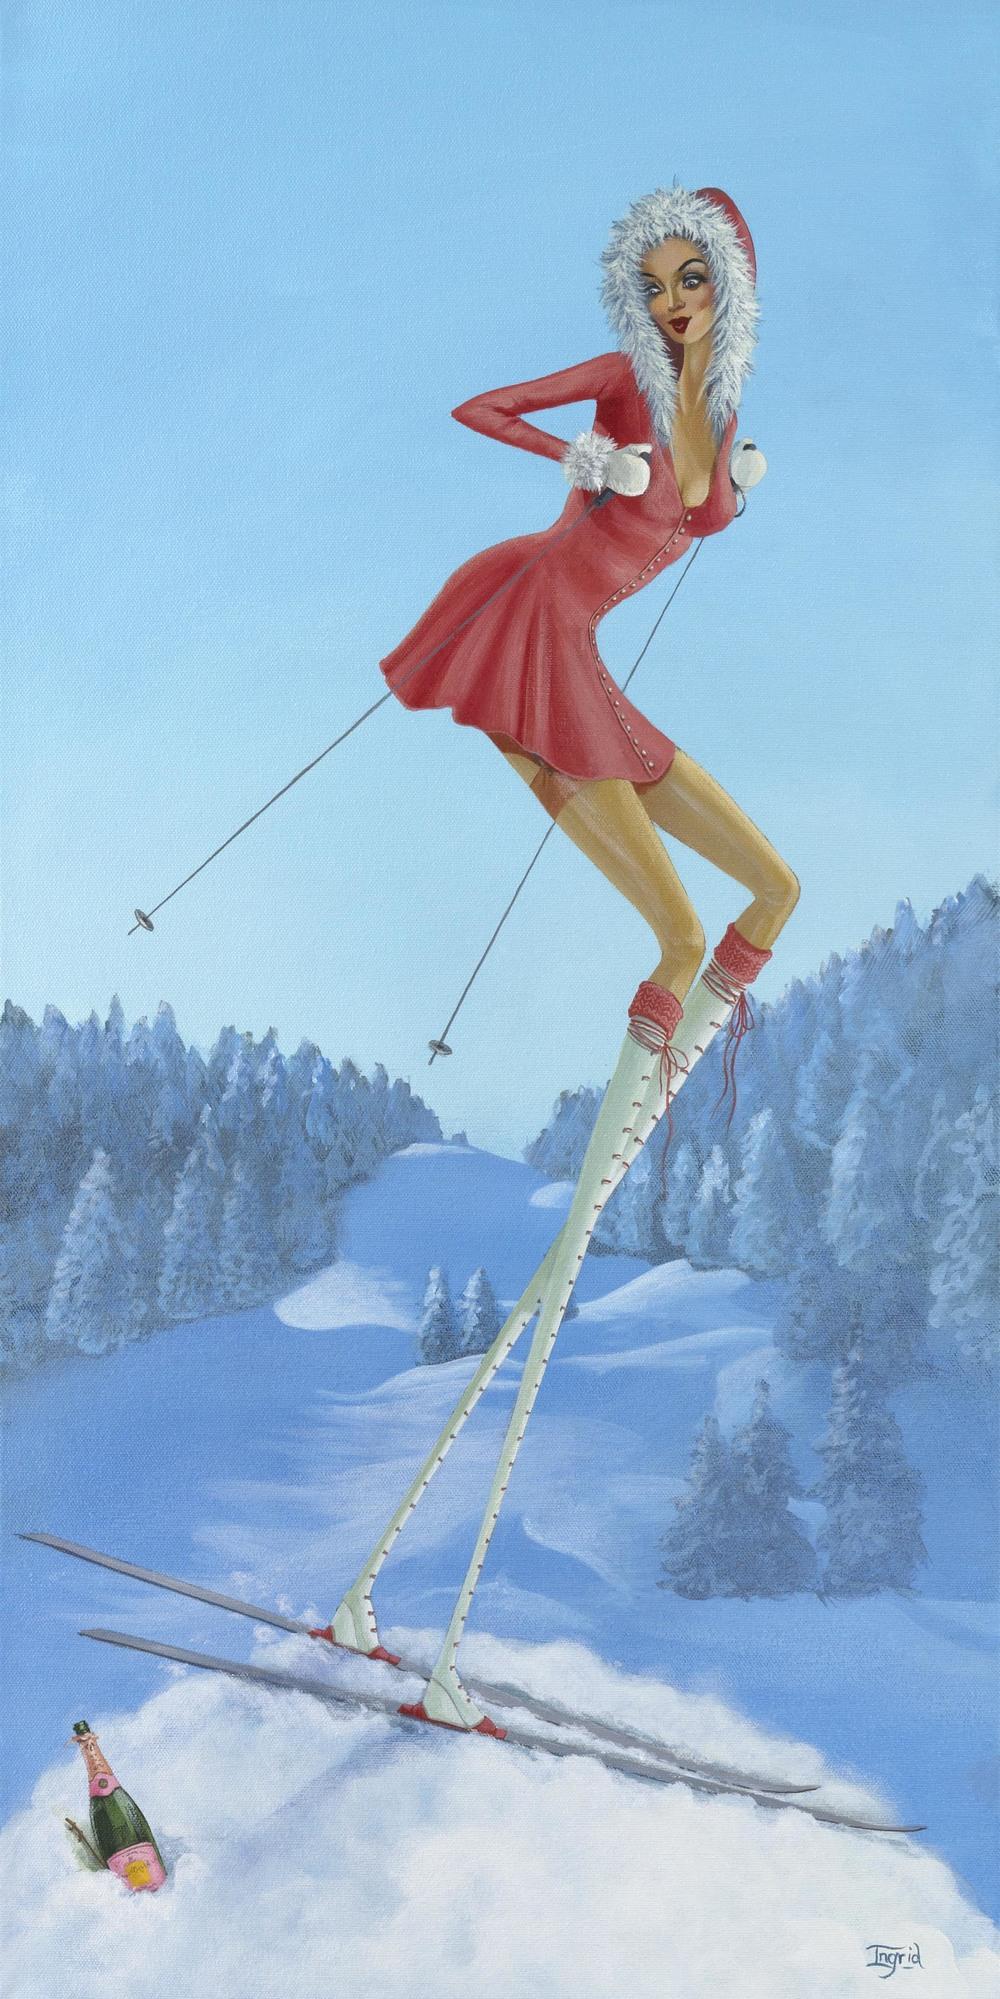 Apres Ski - SOLD